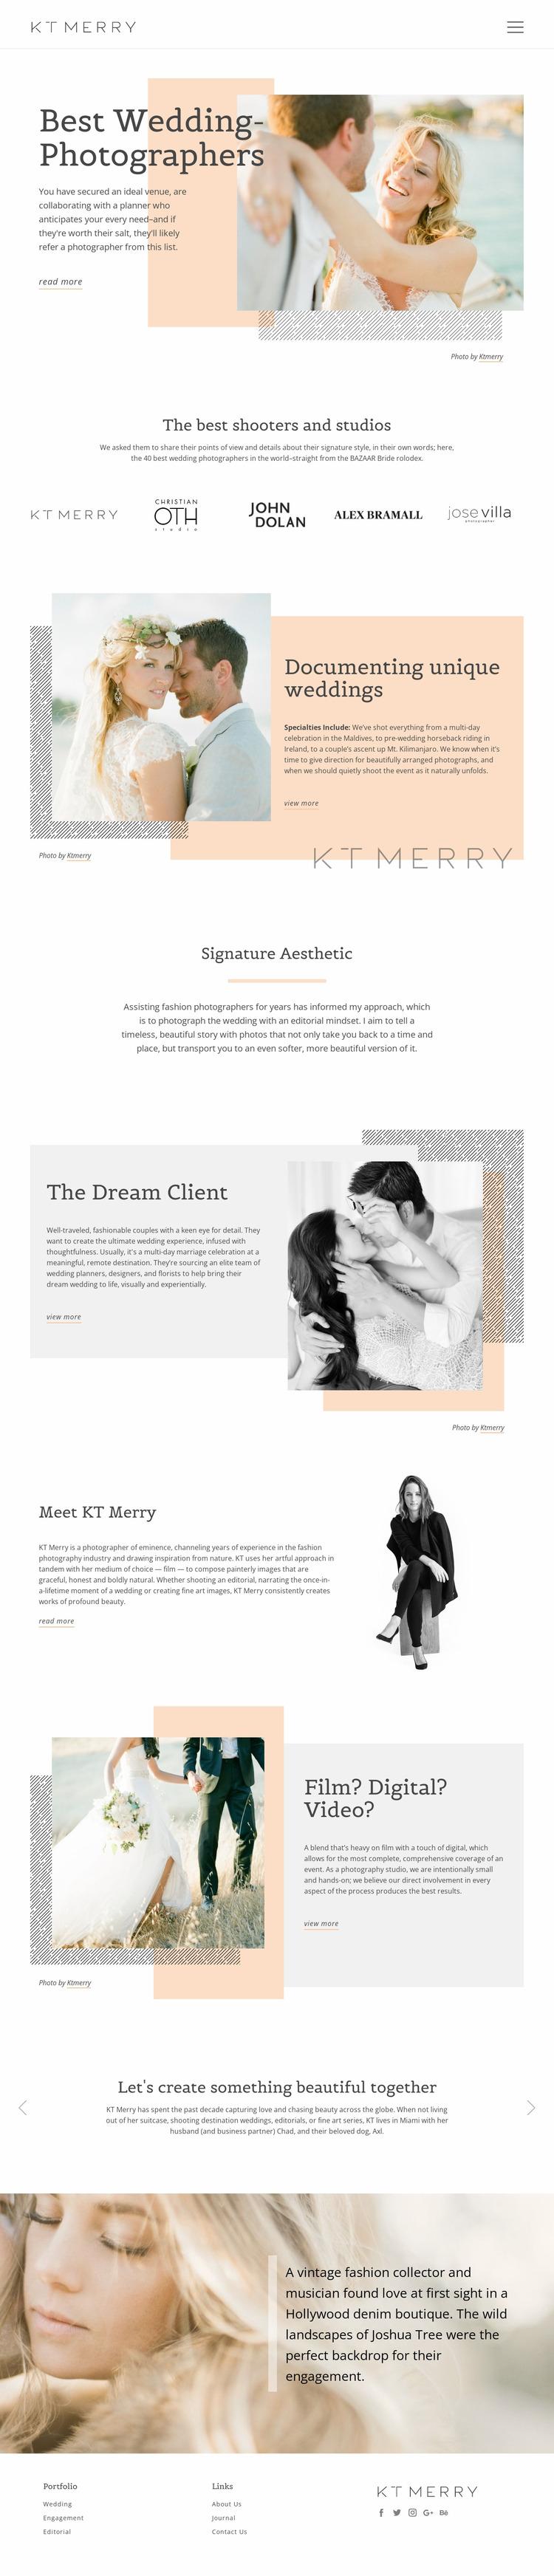 Wedding Photographers WordPress Website Builder